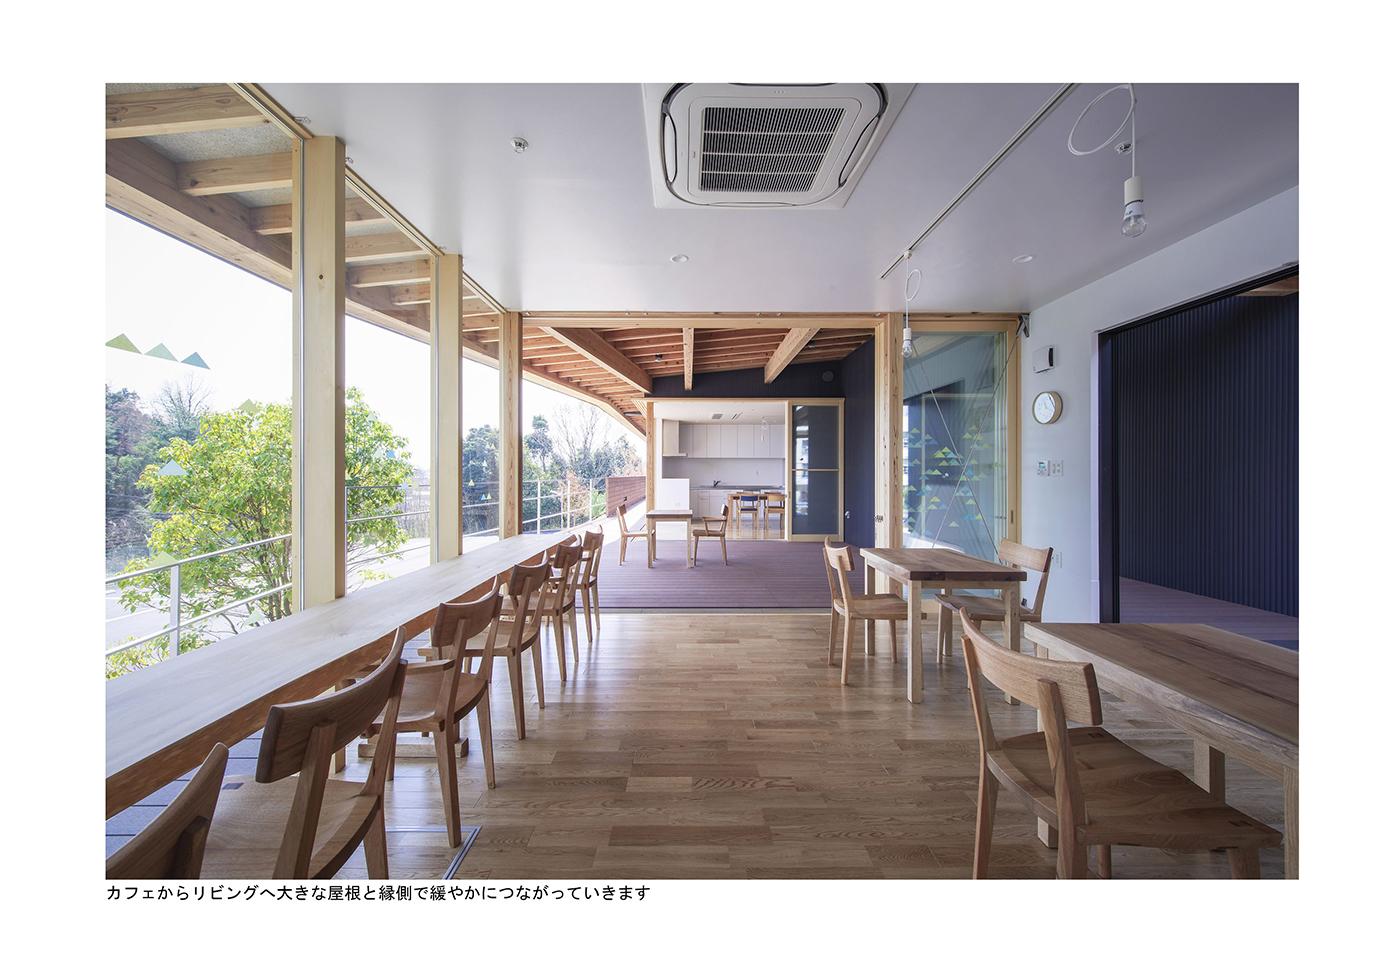 福祉ホーム設計奈良